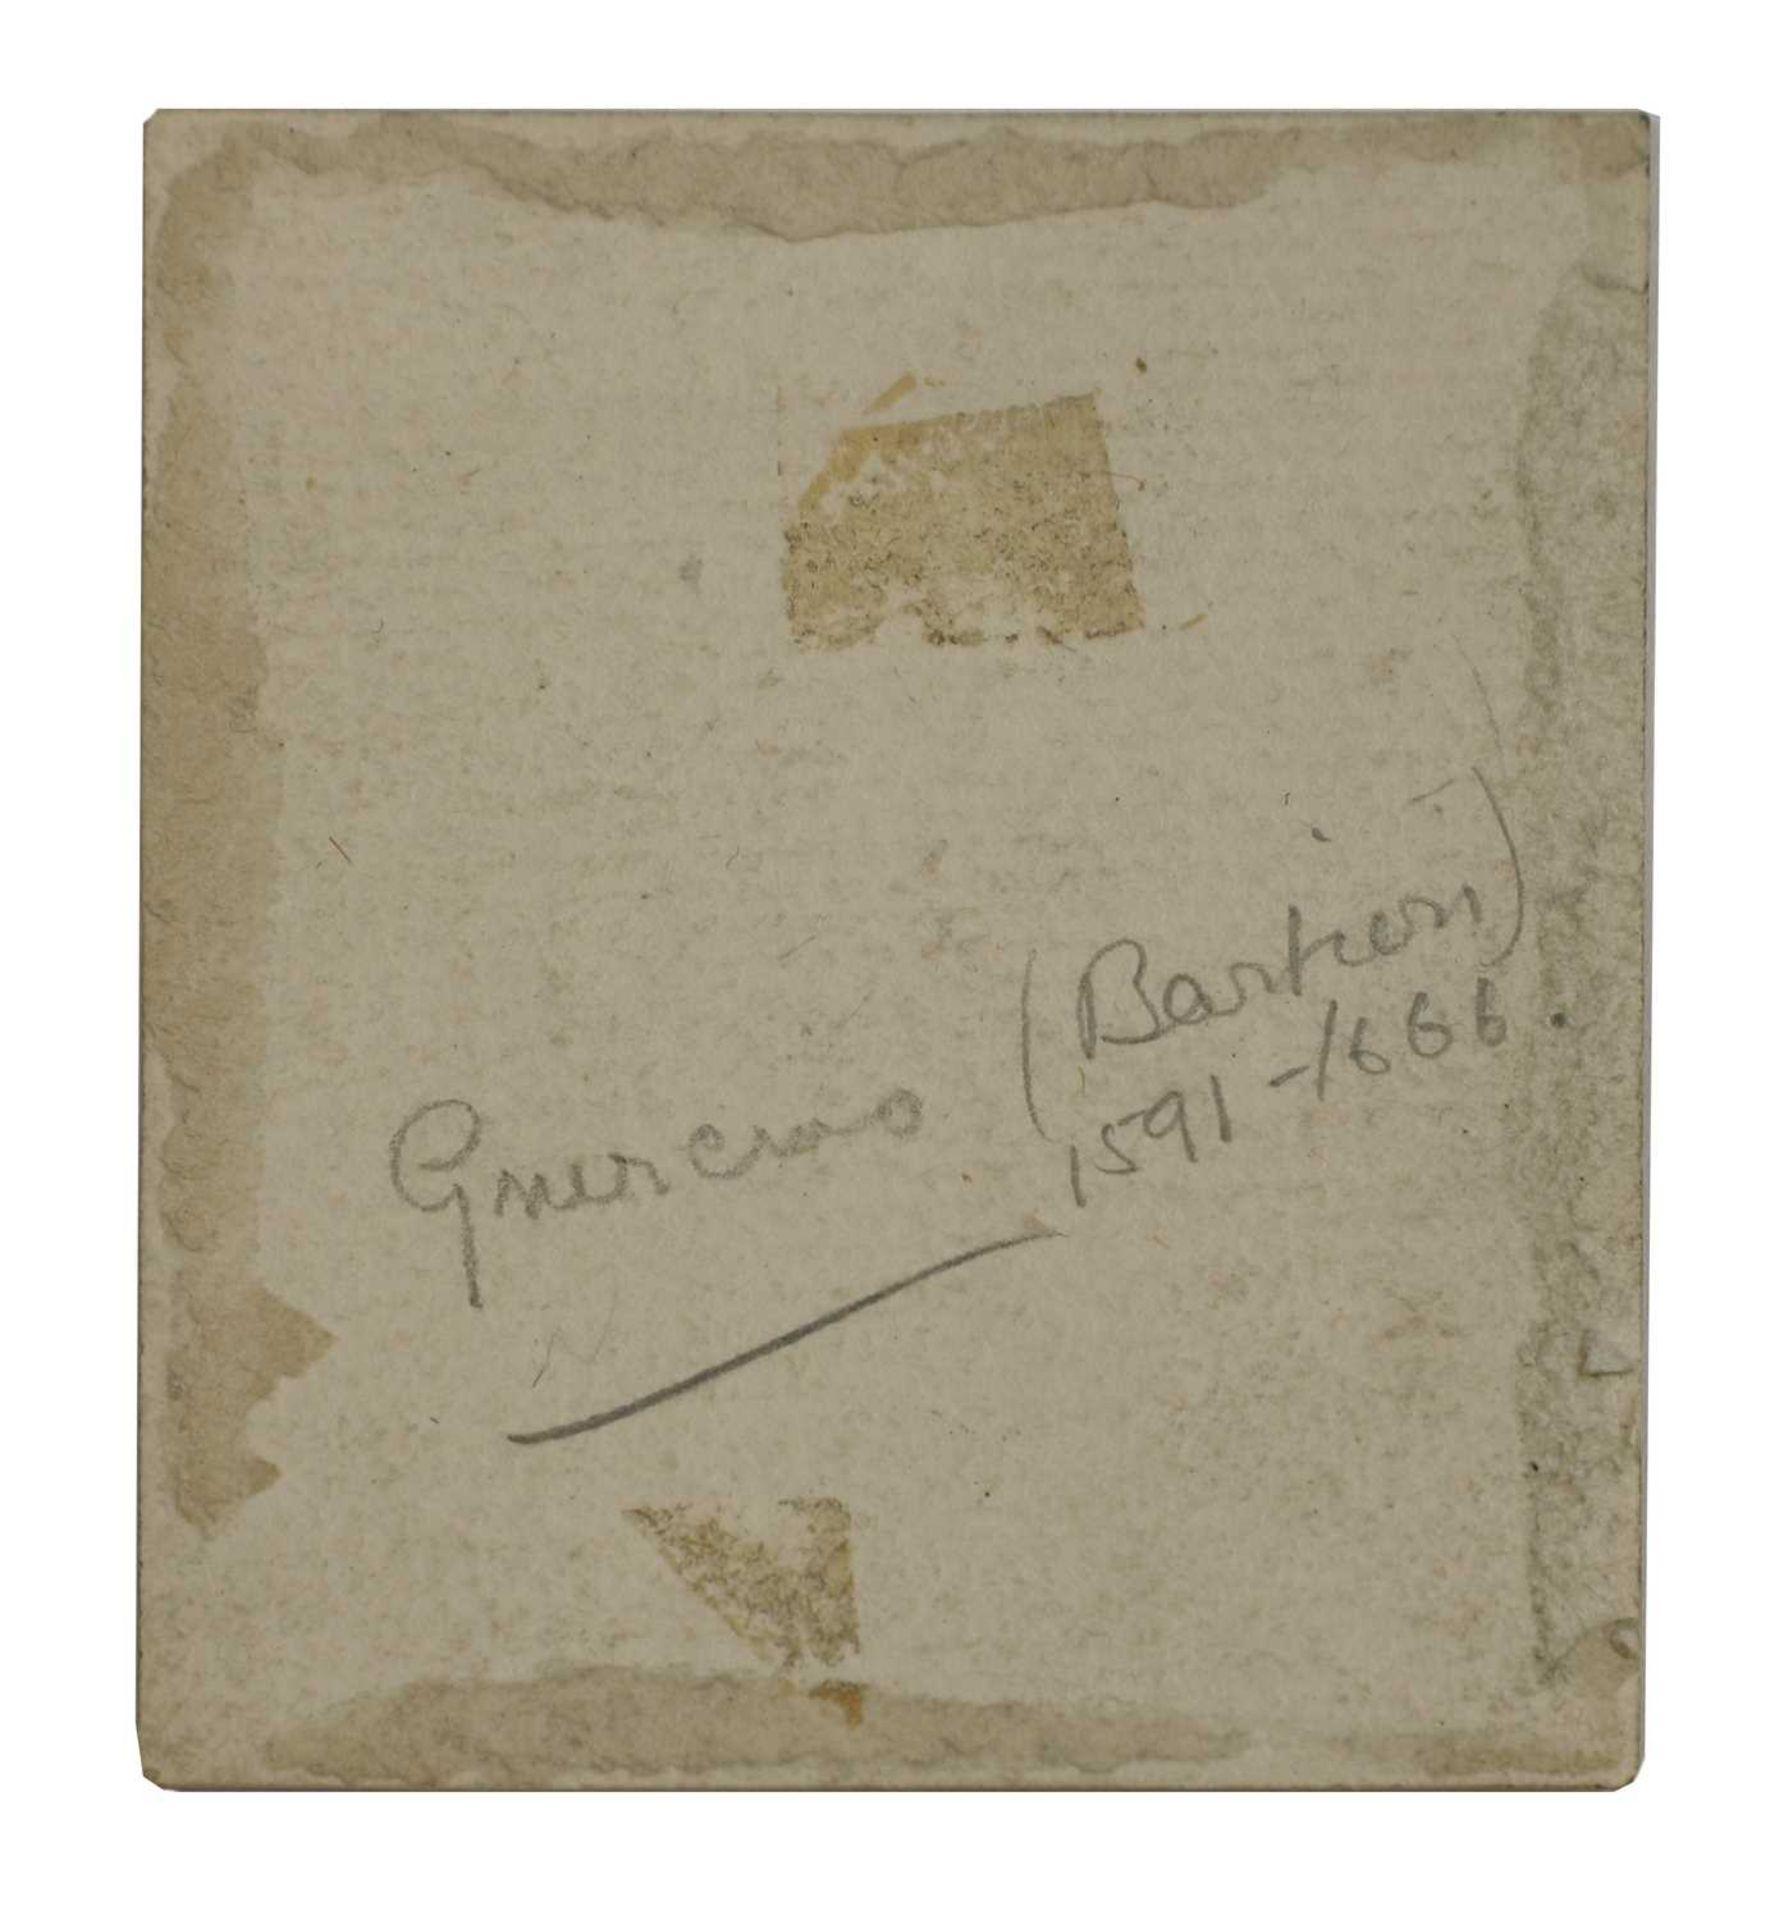 Genoese School, c.1600 - Image 2 of 2